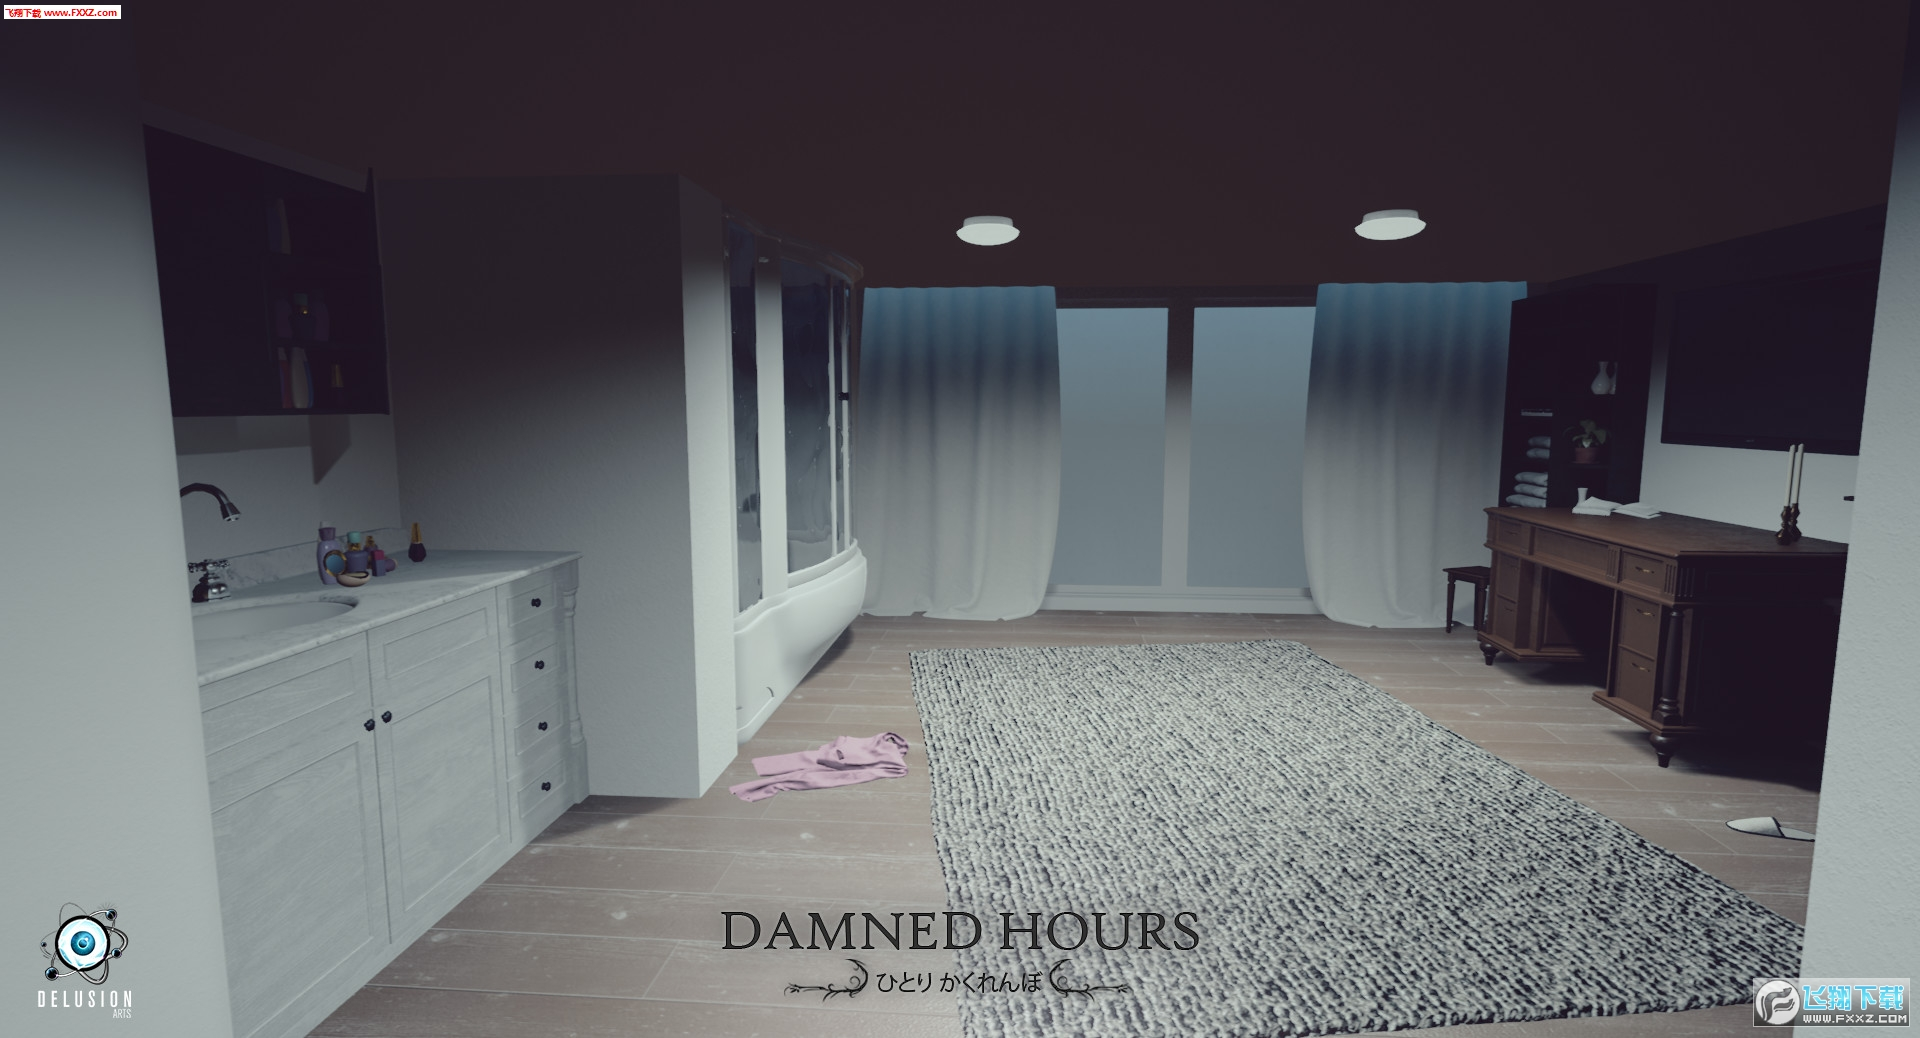 诅咒时间(Damned Hours)截图2